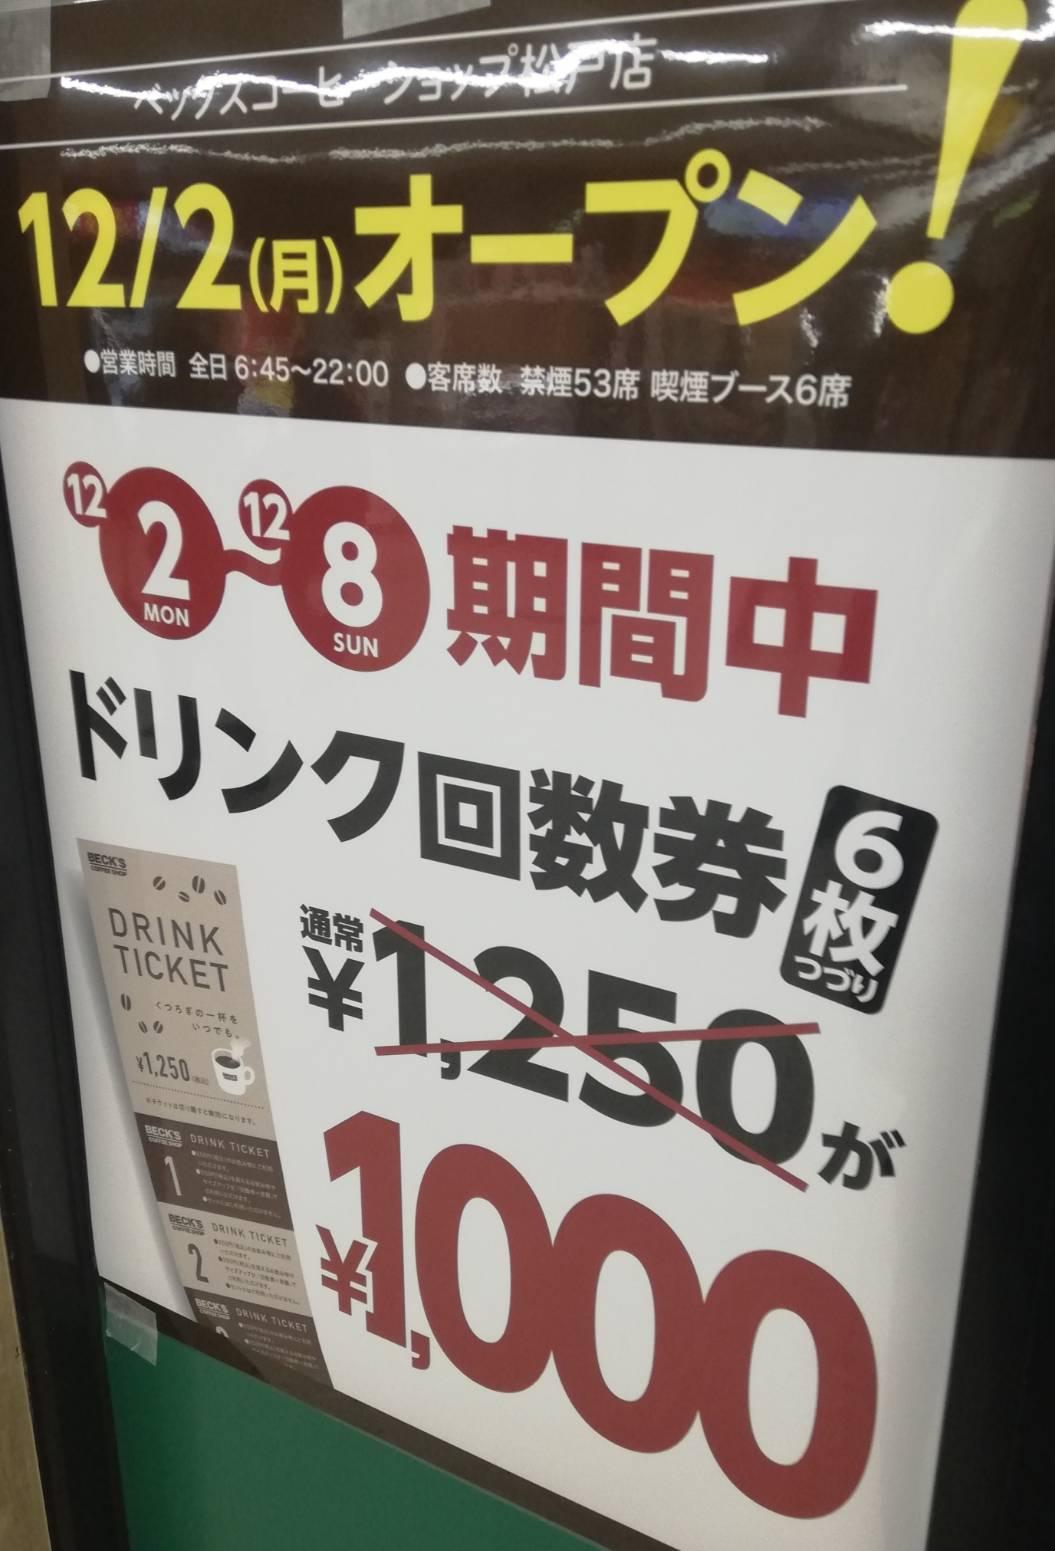 ベックスコーヒー松戸店リニューアルオープン